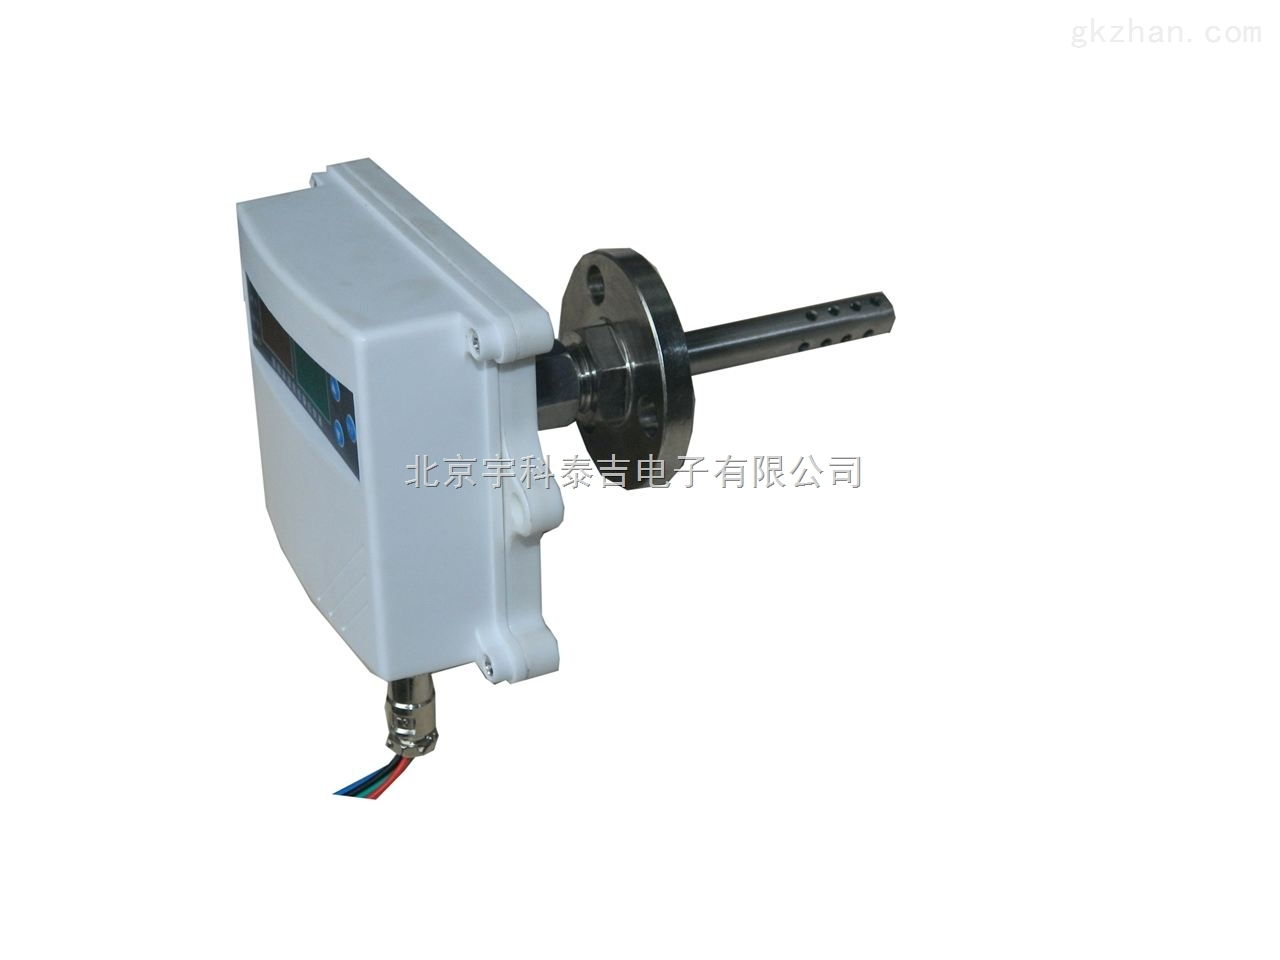 �L管管道式��穸茸�送器(法�m安�b)